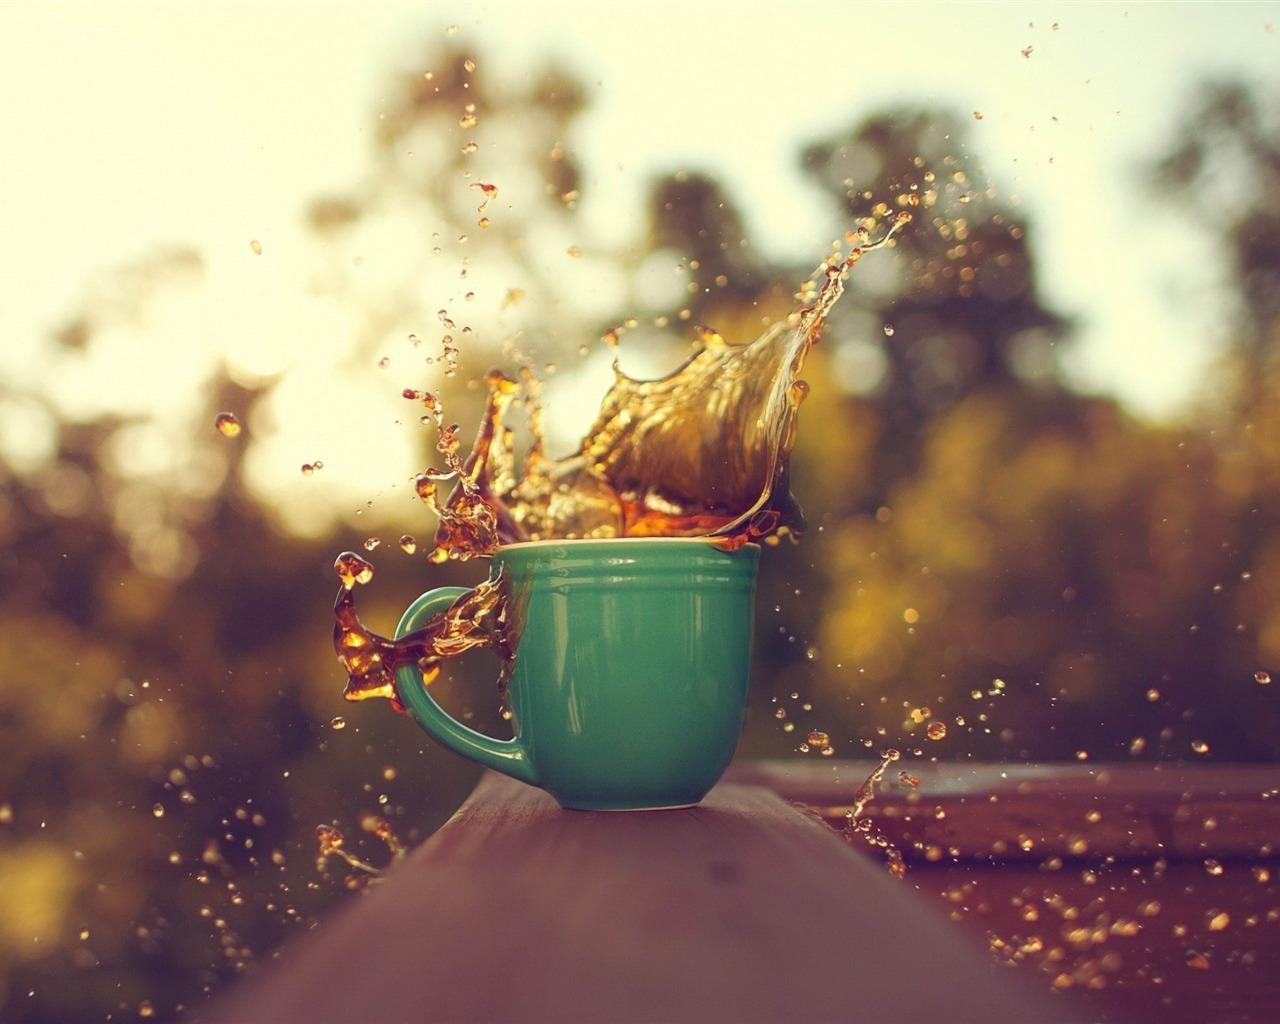 茶杯飞溅-高清桌面壁纸 - 1280x1024 壁纸 下载图片